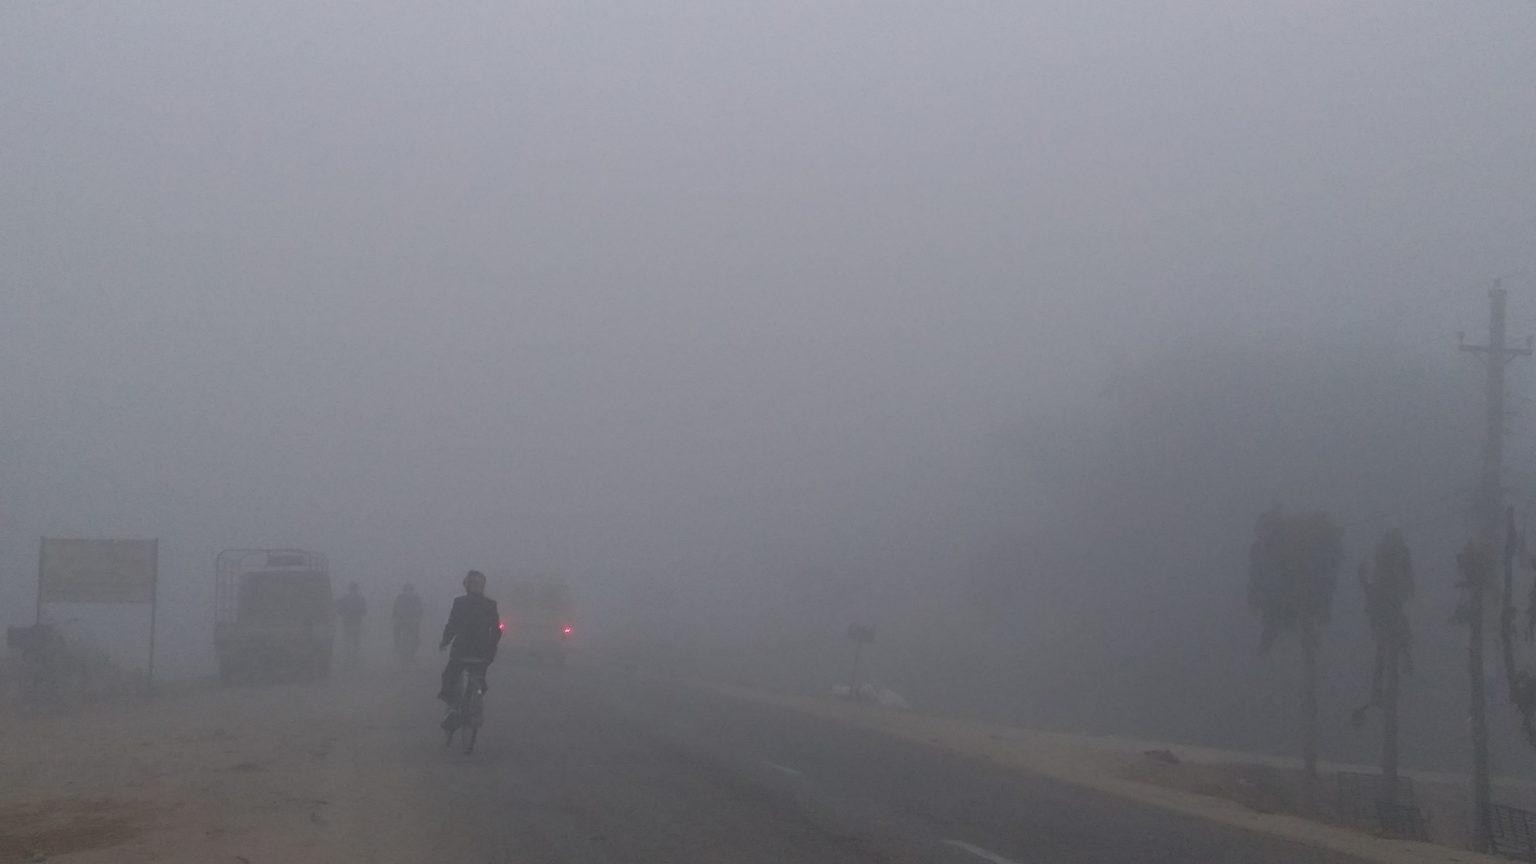 बाँकेसहित तराईका जिल्लामा बाक्लो हुस्सु